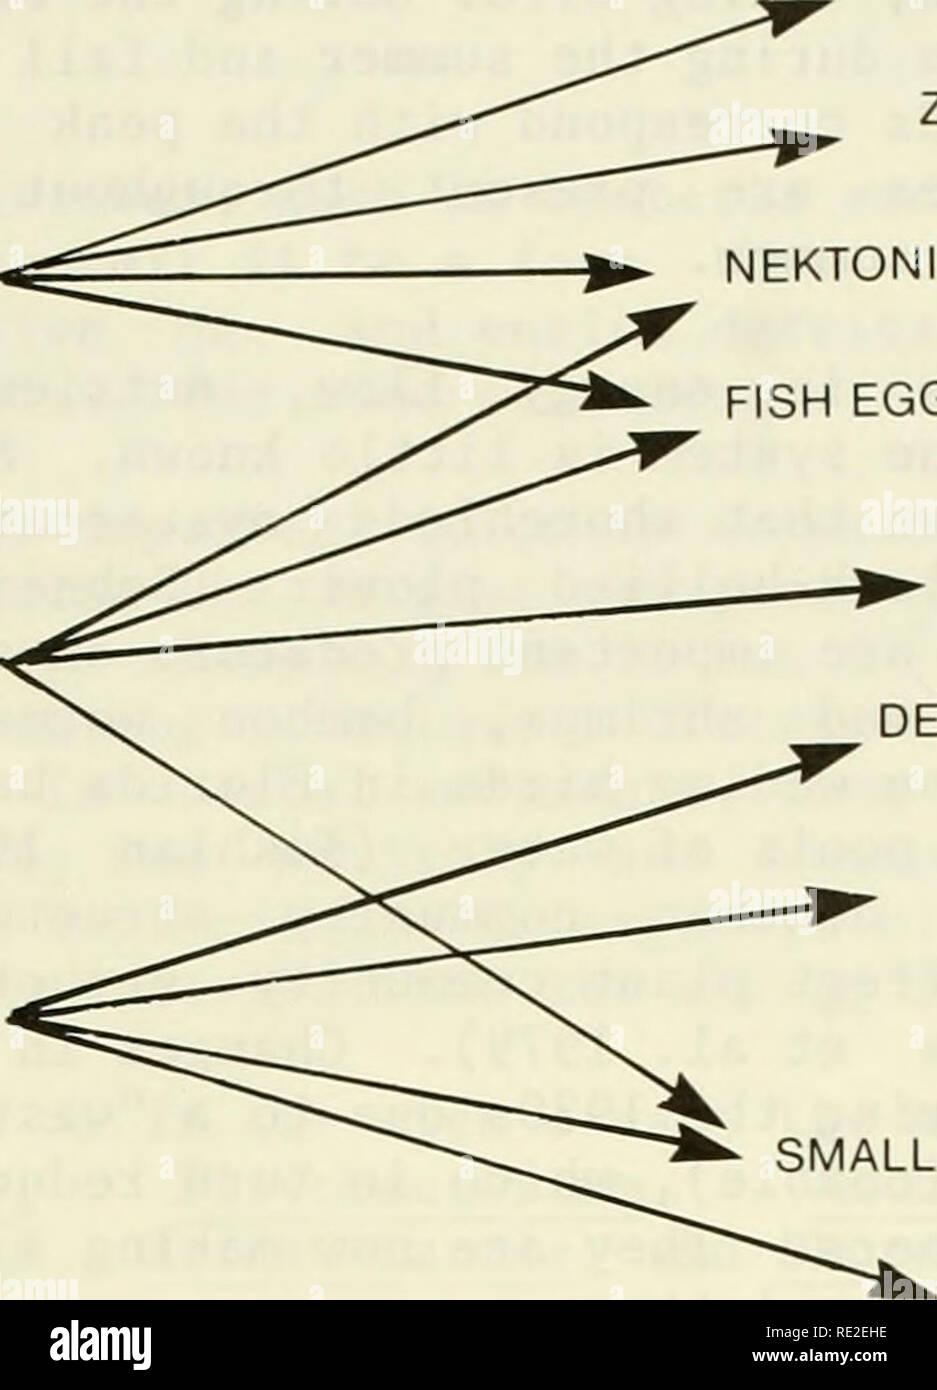 . Una caratterizzazione ecologica delle zone costiere Maine (a nord e a est di Cape Elizabeth). Ecologia costiera -- Maine. Di abitudini alimentari risorse alimentari fitoplancton che lo zooplancton planctonici ^^^ >. NEKTONIC CROSTACEI uova di pesce e le larve grandi pesci NEKTONIC detriti, alghe POLYCHAETES demersali e ^ ^ MOLLUSCHI SEMIDEMERSAL piccoli pesci, calamari crostacei Figura 5-25. Di abitudini alimentari dei pesci di estuario. invertebrati e vertebrati del trefolo di linea (la zona supratidal dove una comunità si sviluppa sulle macroalghe che lava a terra). Uccelli costieri mangiare la maggior parte intertidal mudflat invertebrati (cioè, Foto Stock